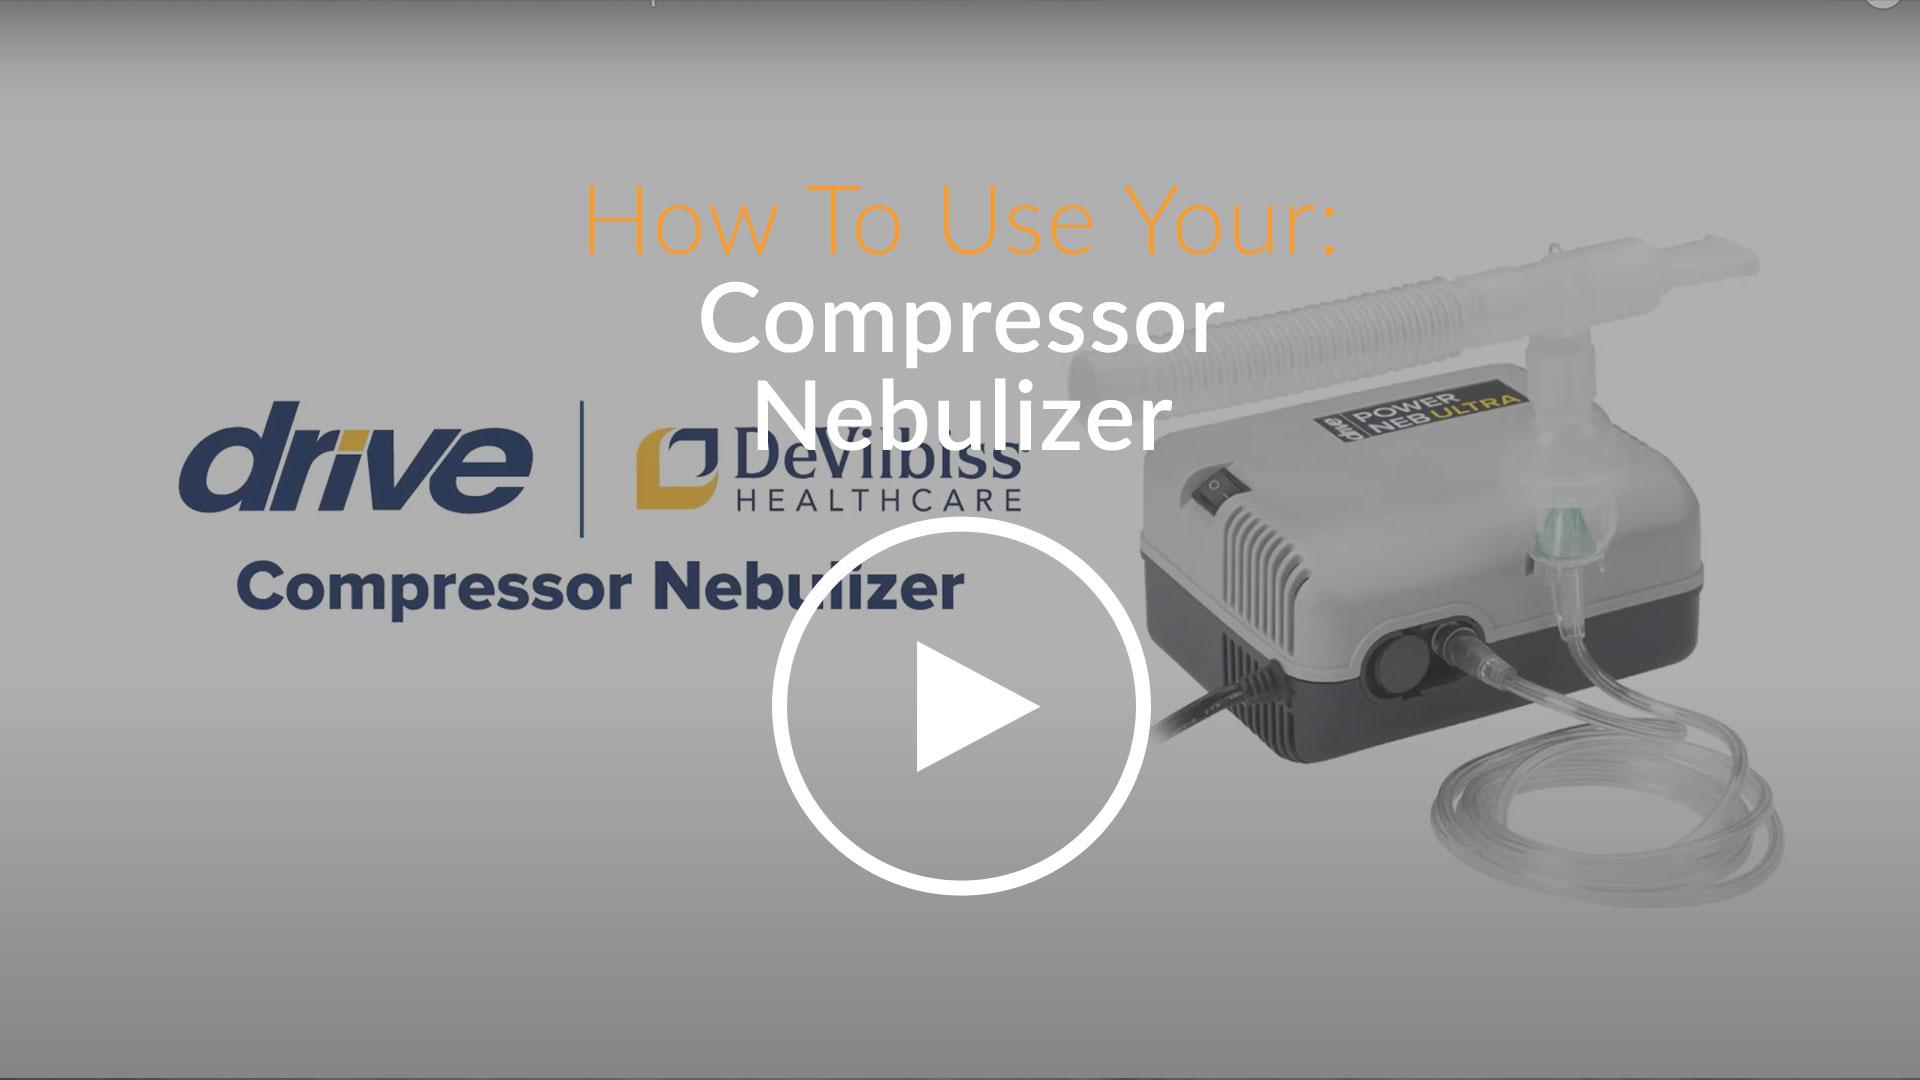 Solarus__Compressor_Nebulizer_Overlay_Image